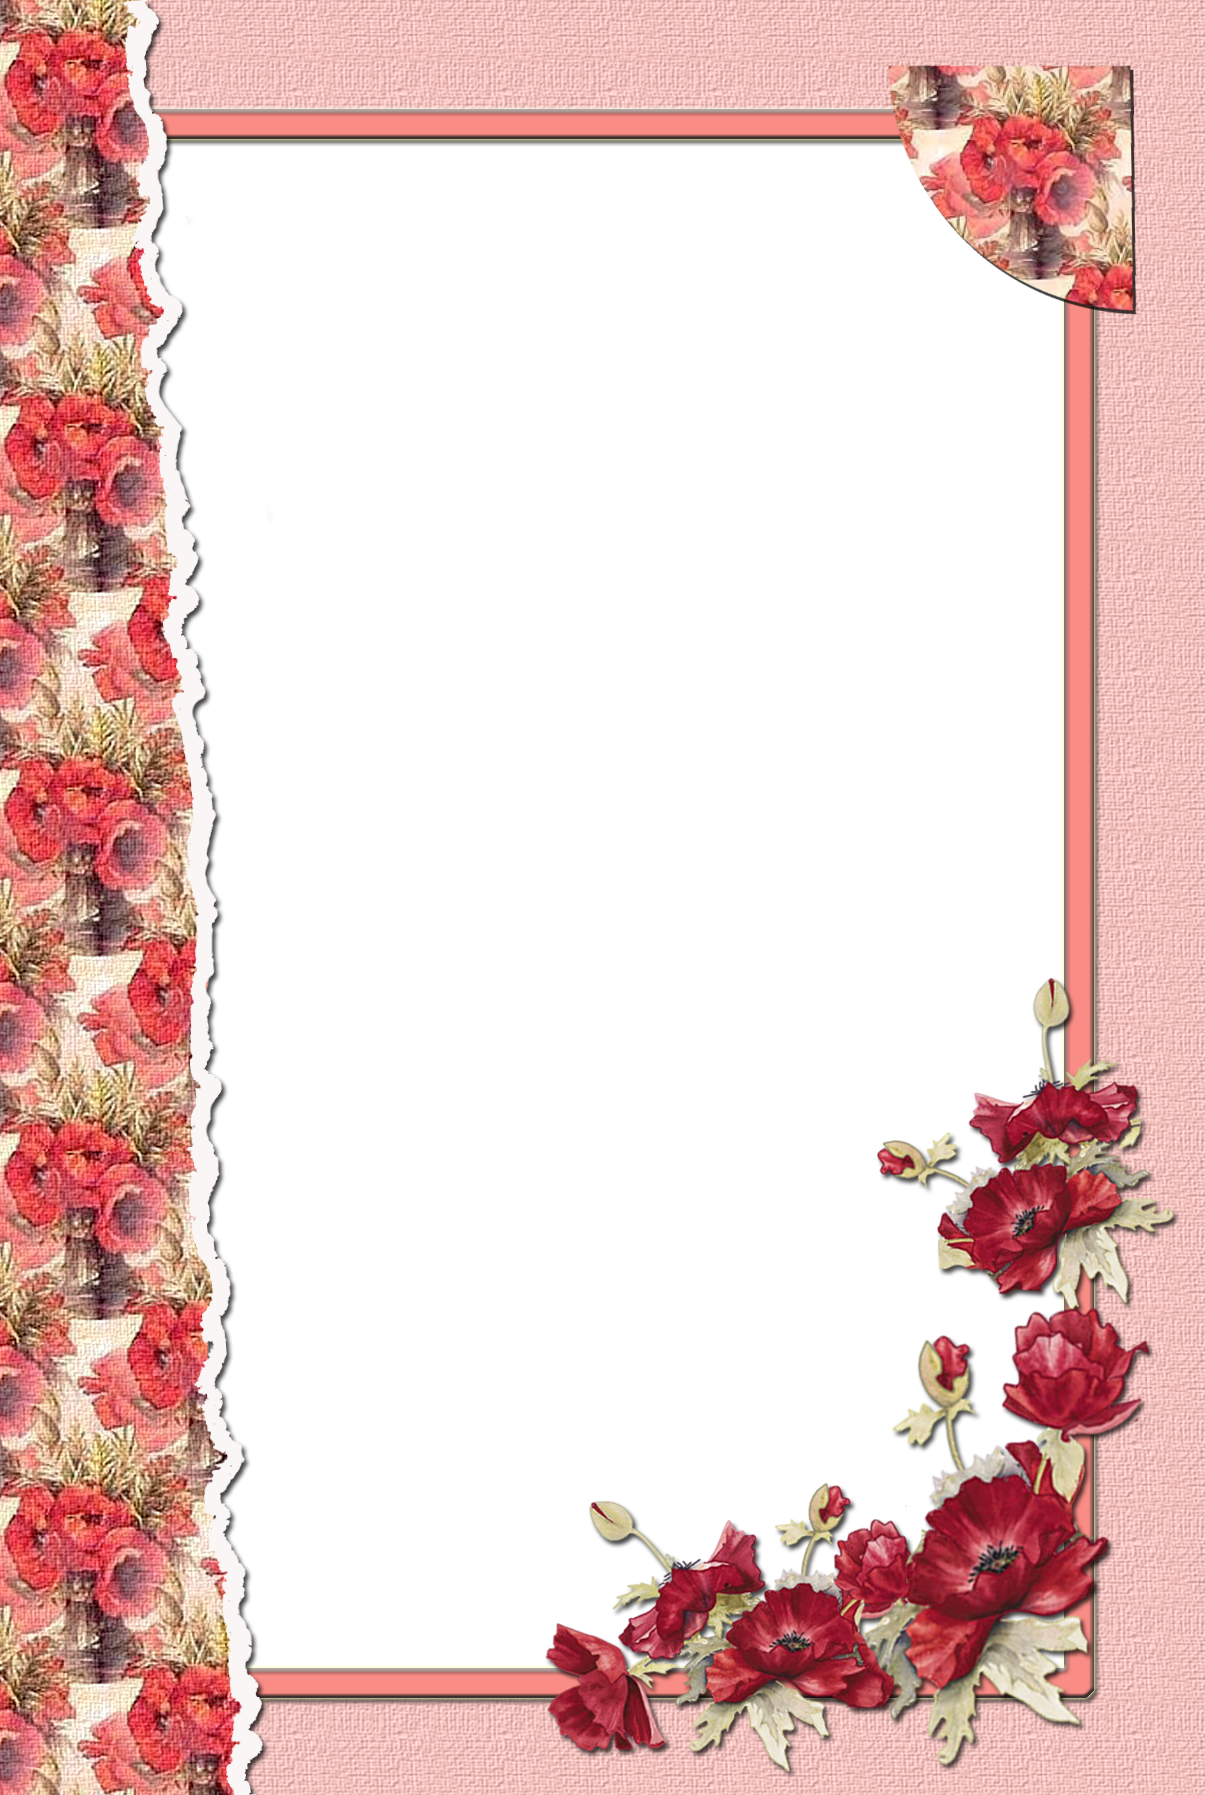 Transparent Flower Red Frame Frames And Borders Transparent